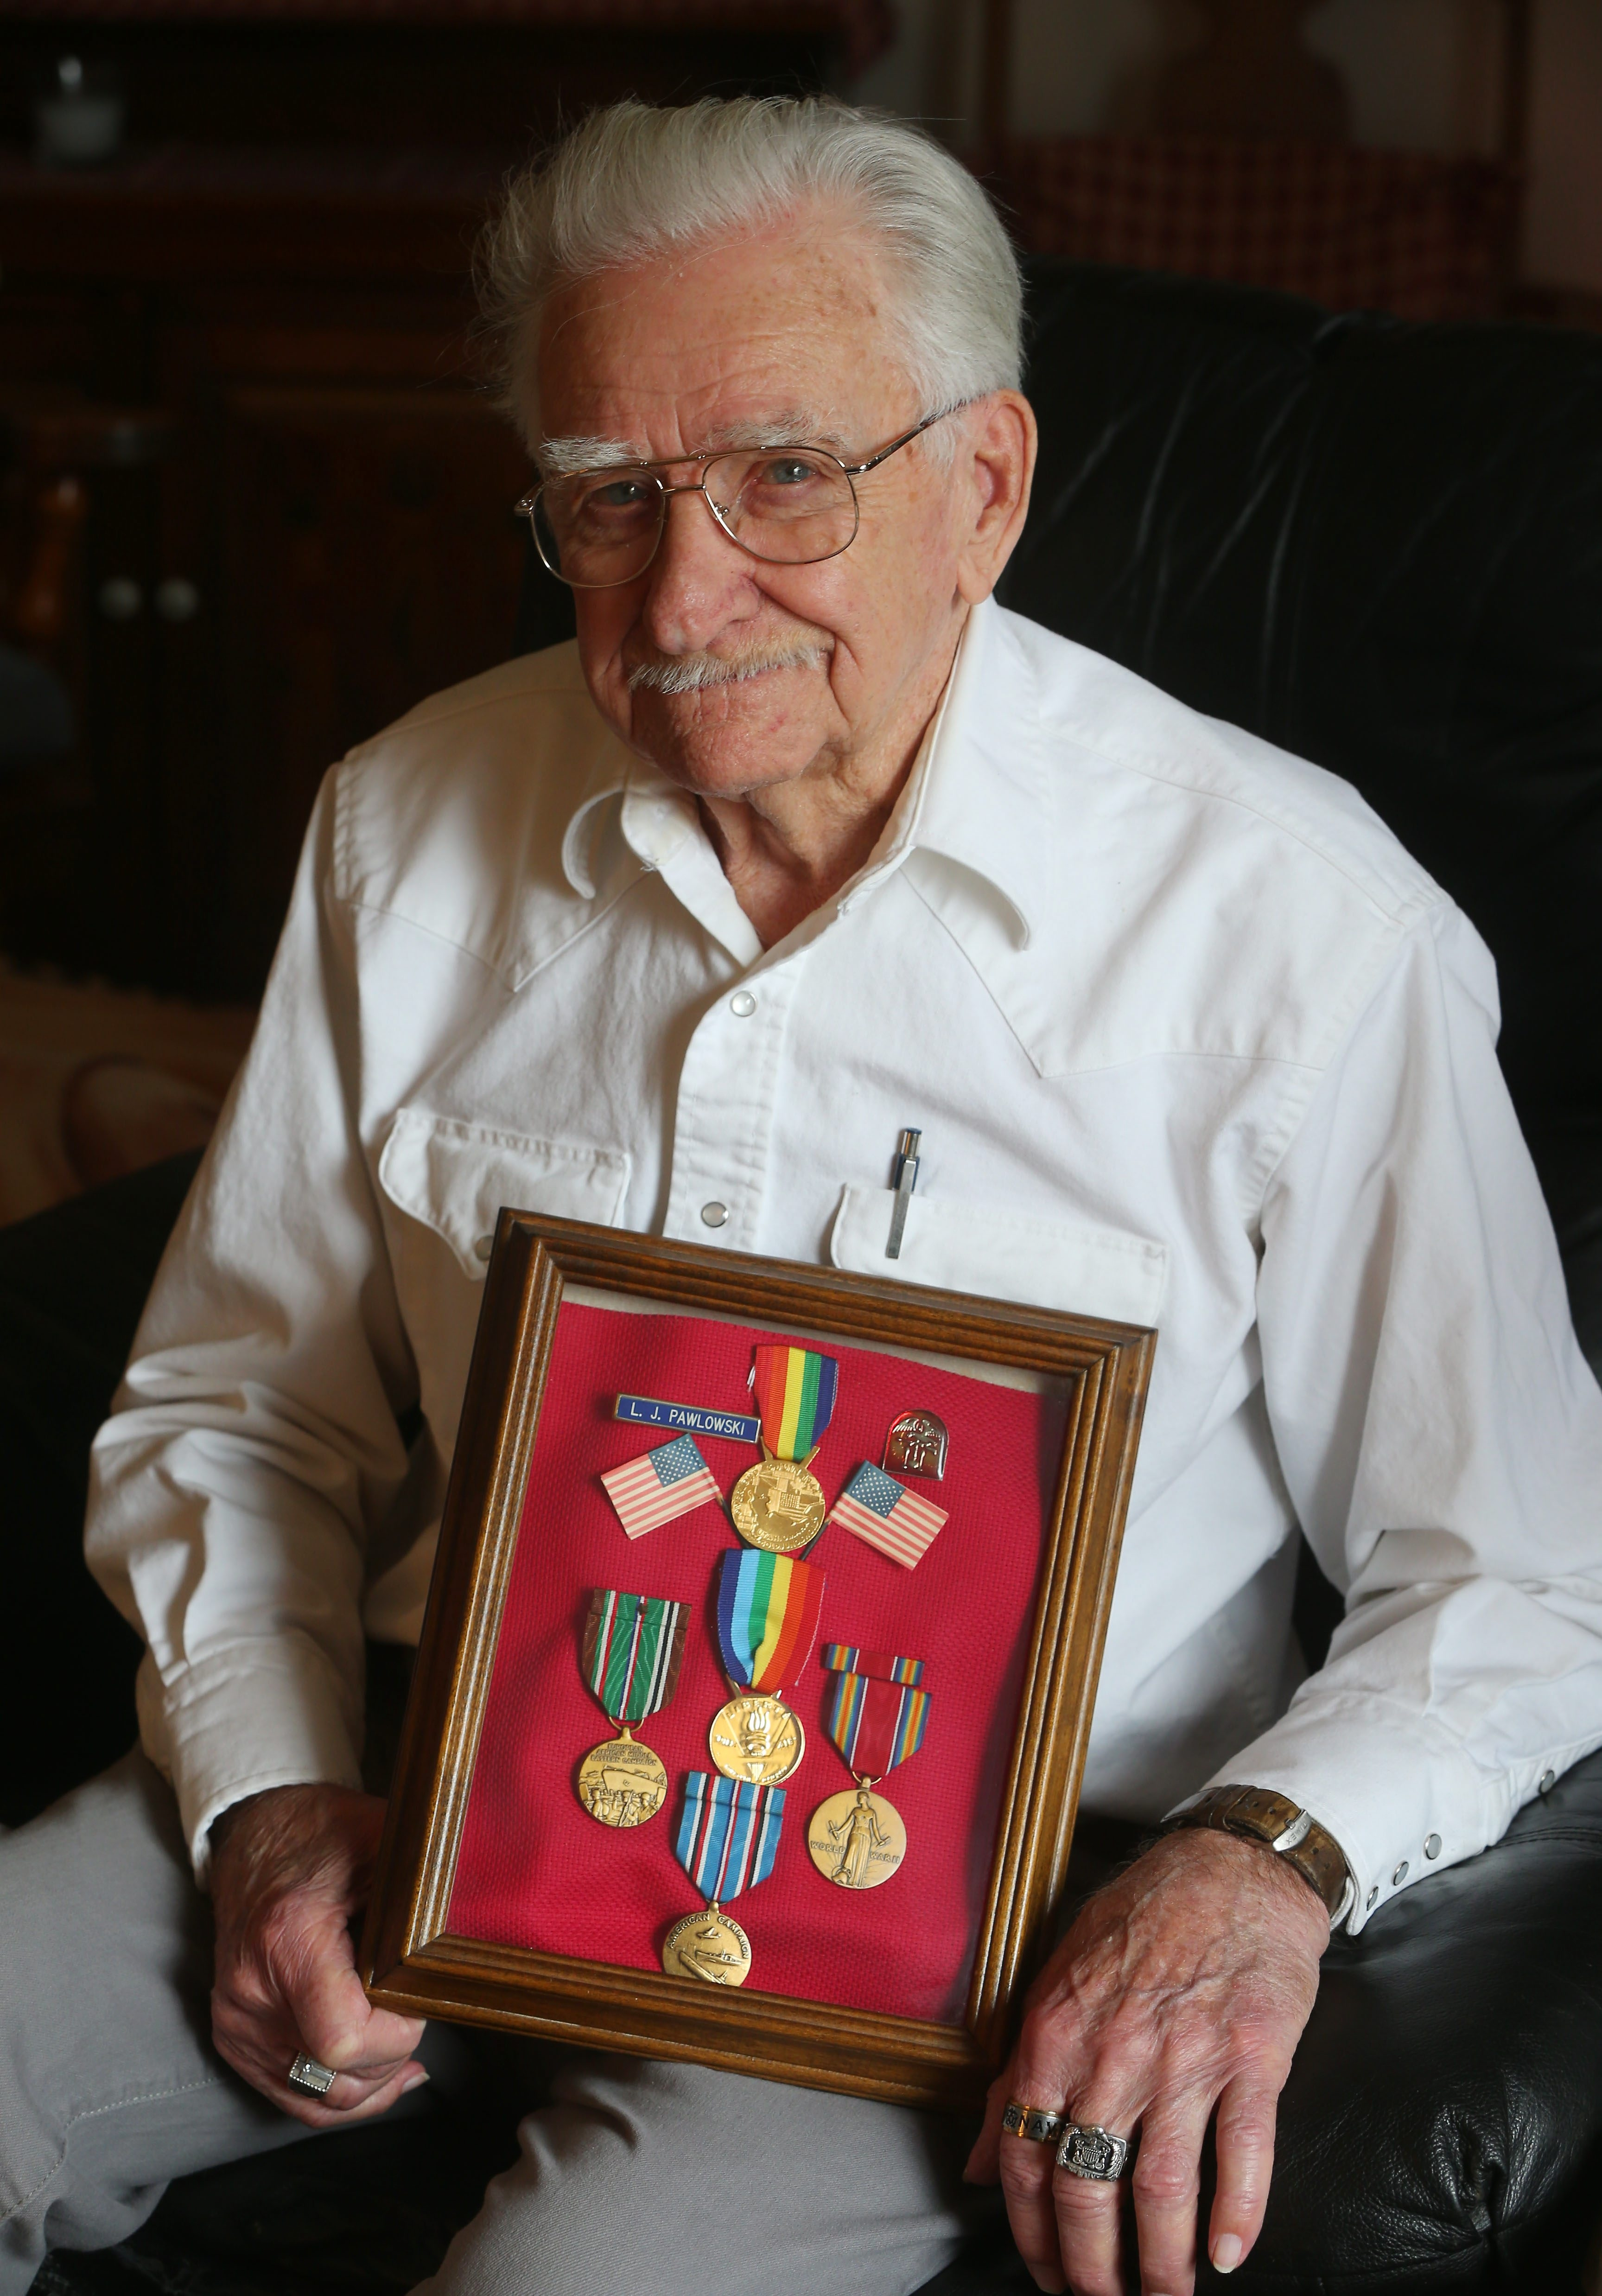 Leonard Pawlowski, with his medals, recalls buddy Chester Budziszewski.